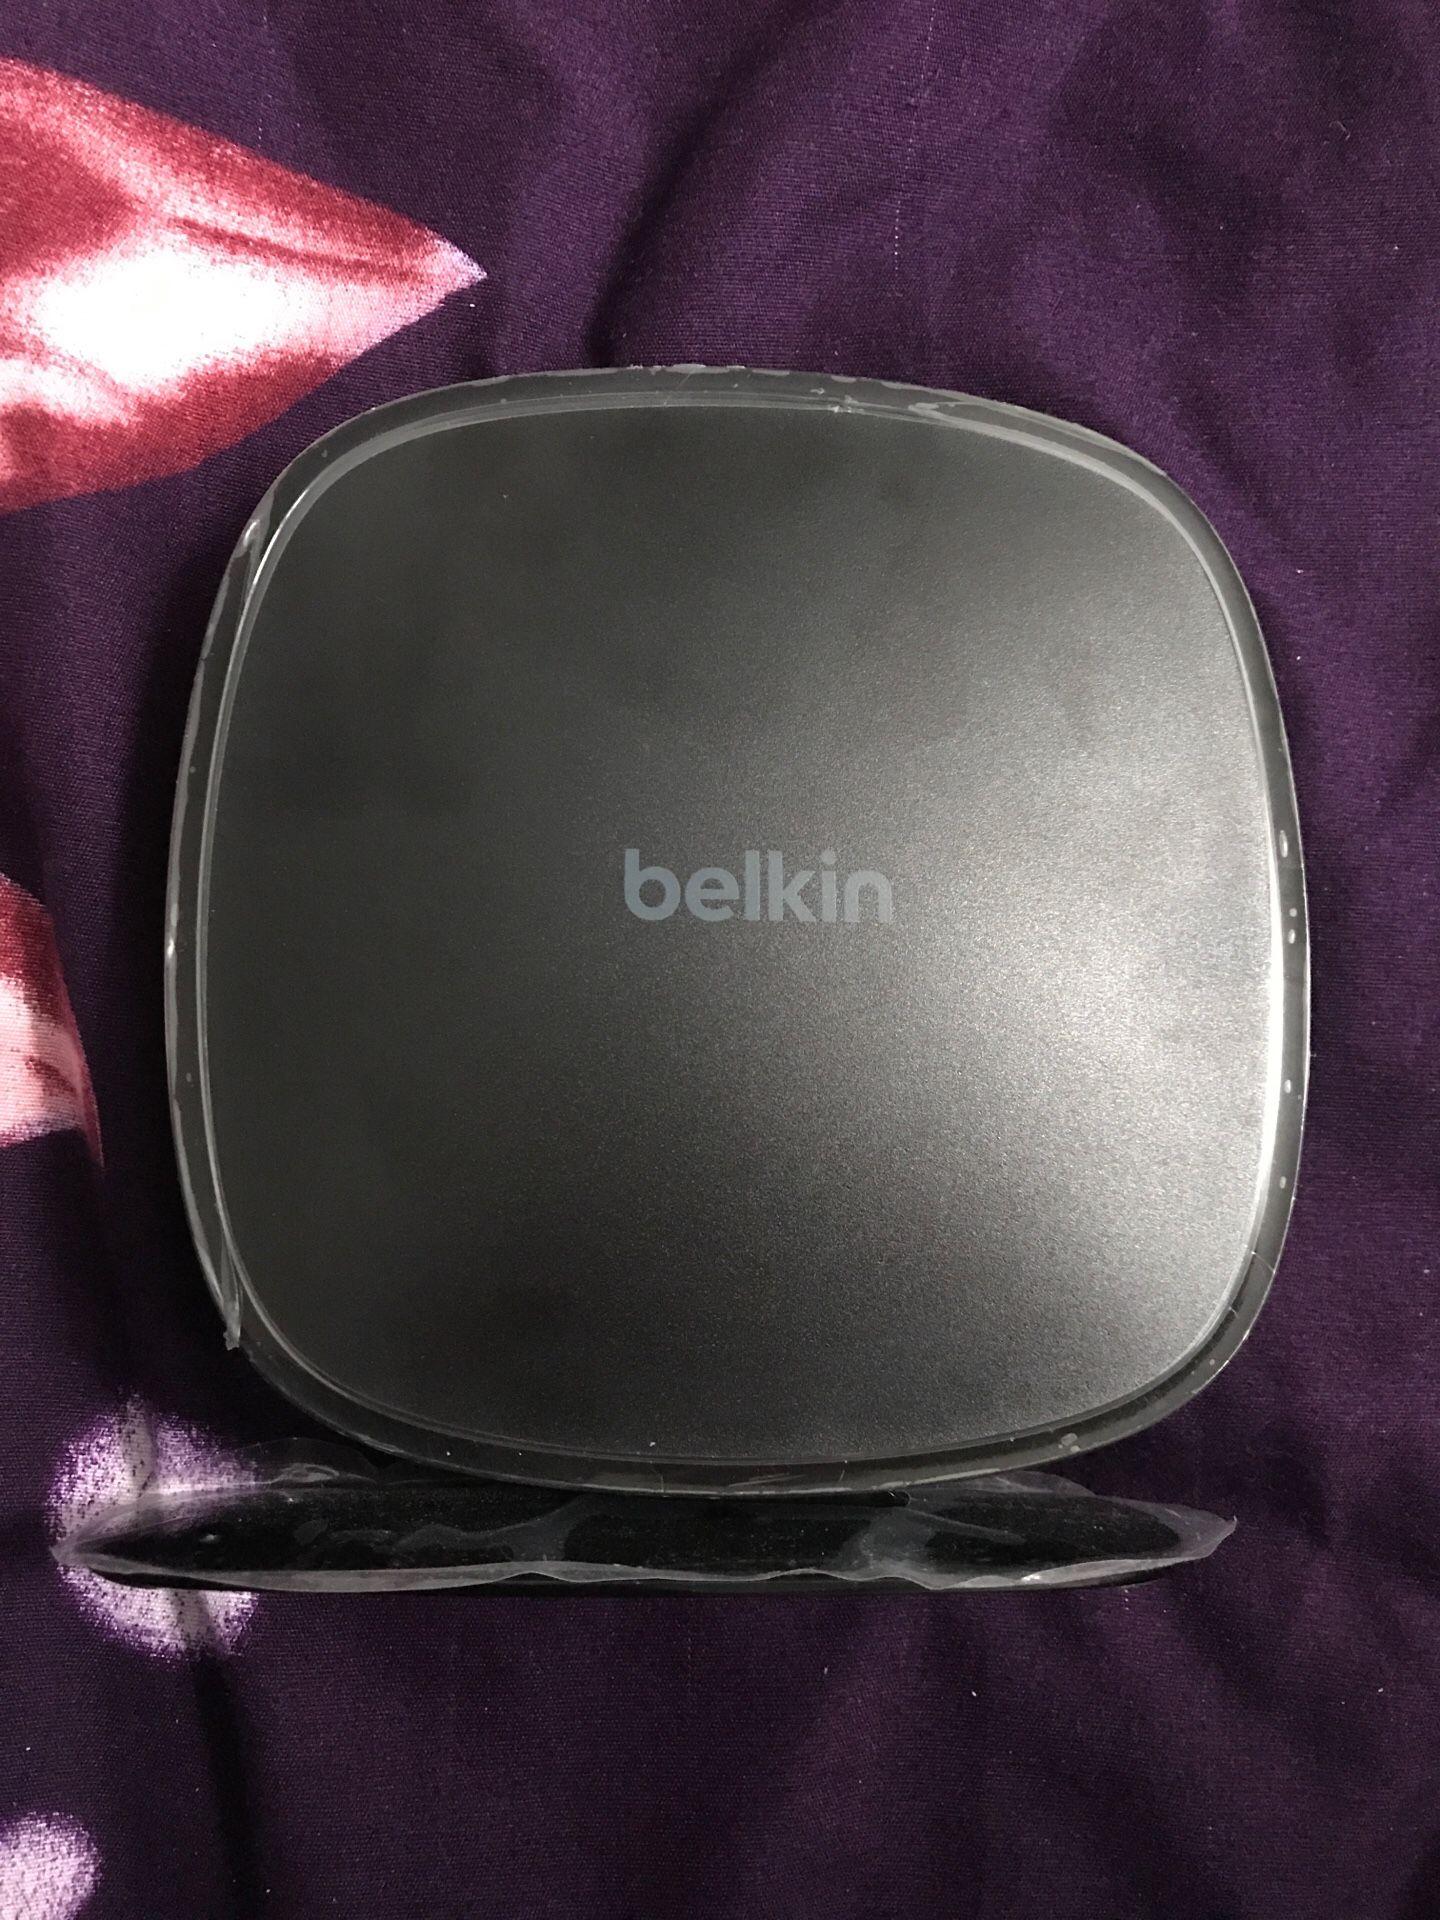 Belkin wireless router N600